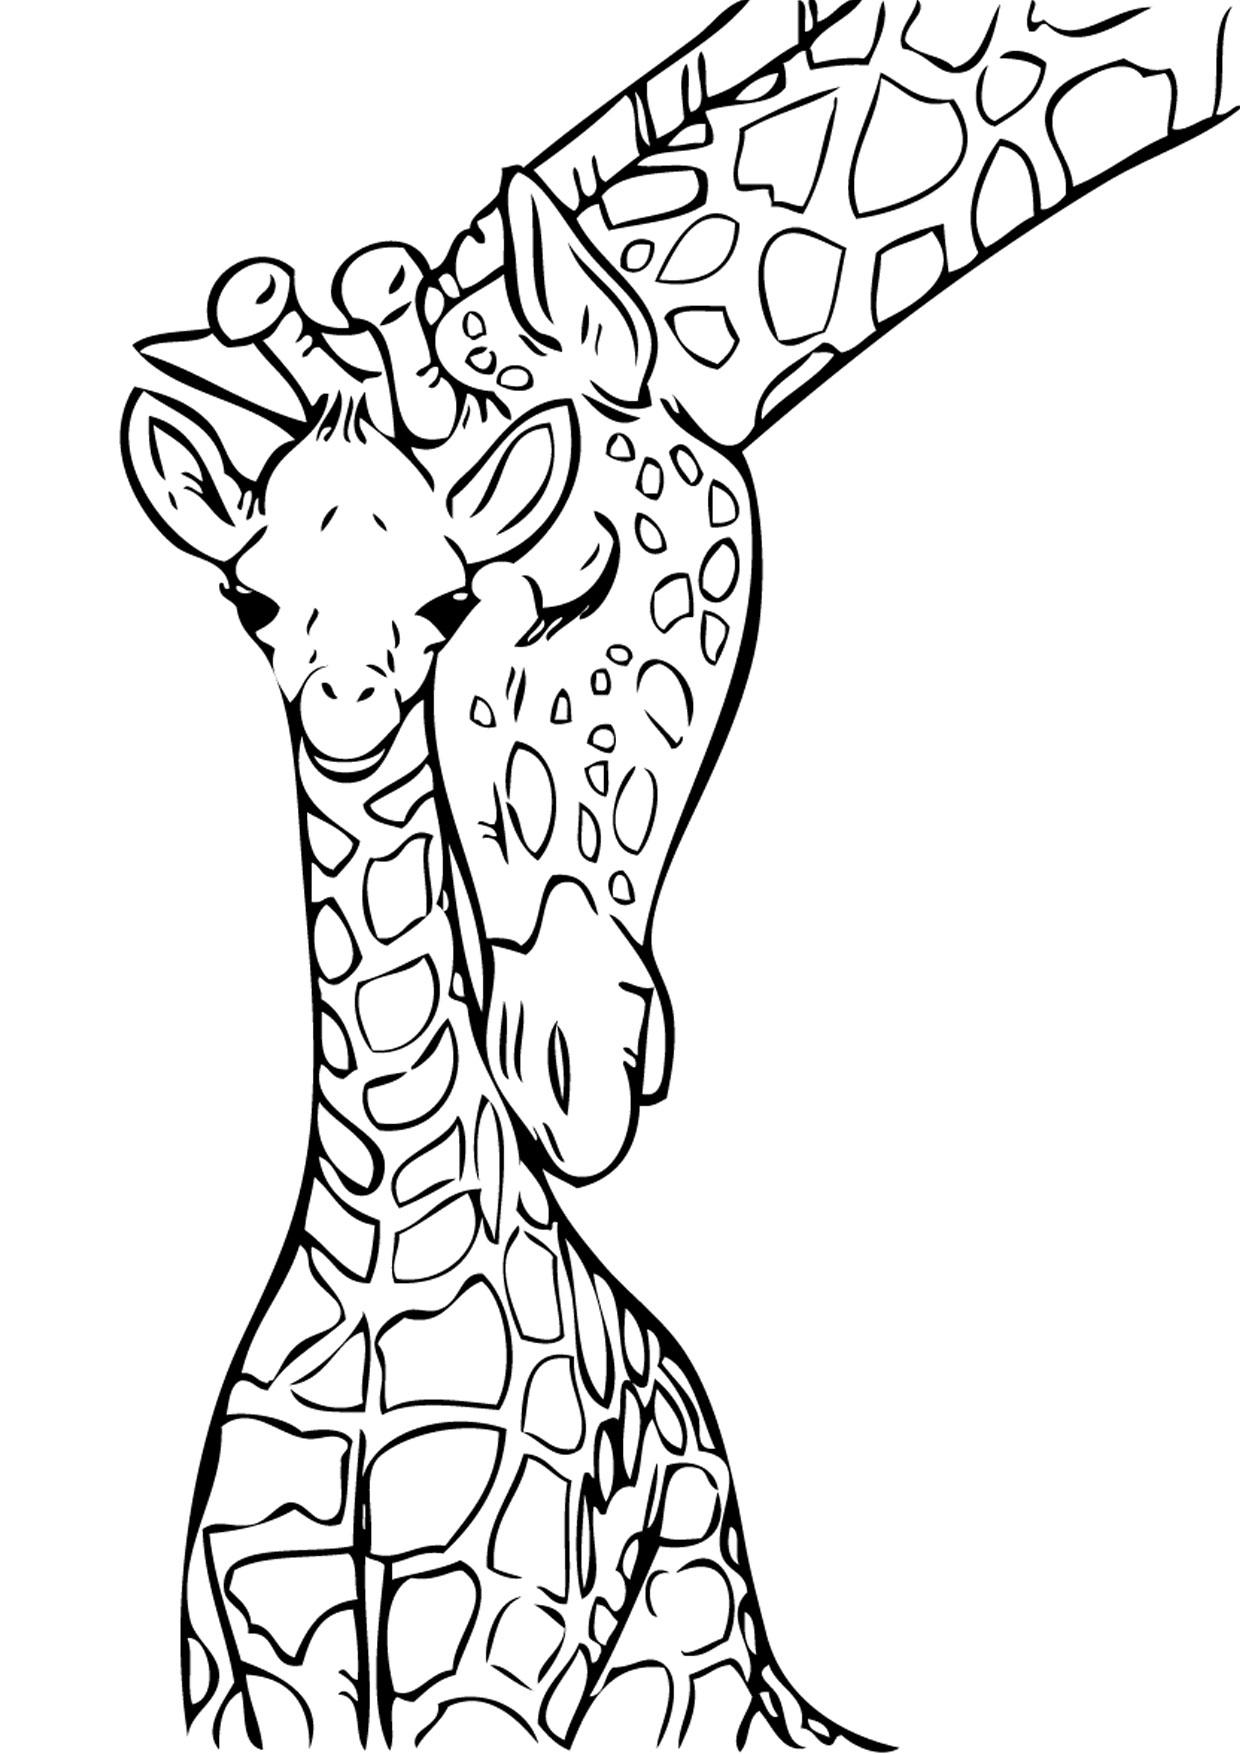 Disegno di giraffa 03